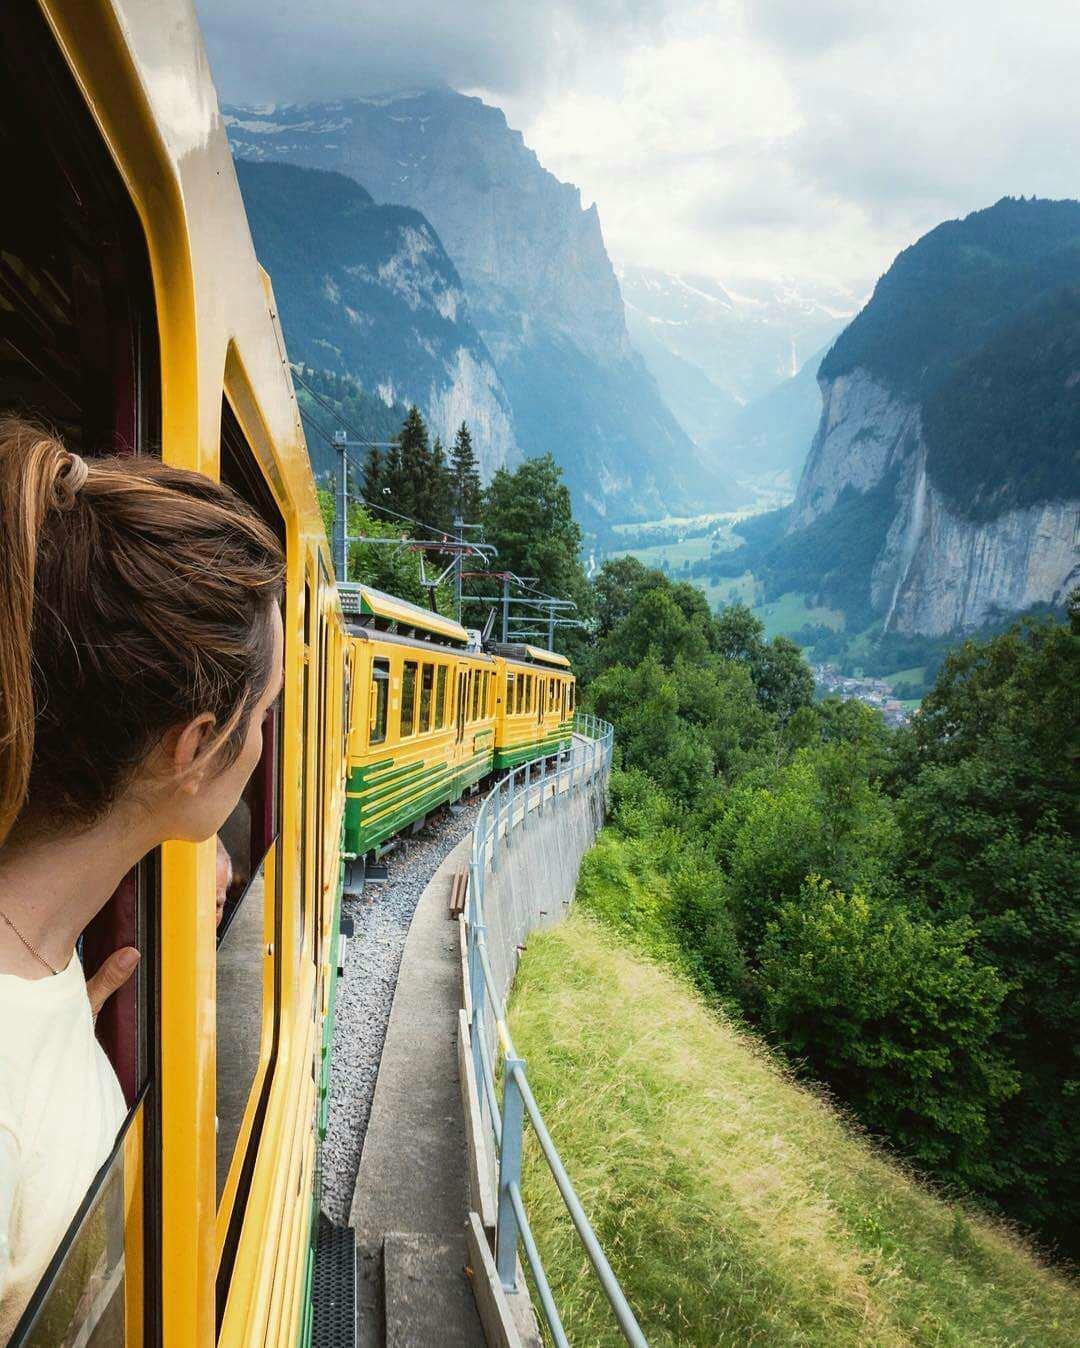 окон оригинальными прикольные картинки про поездку в швейцарию это